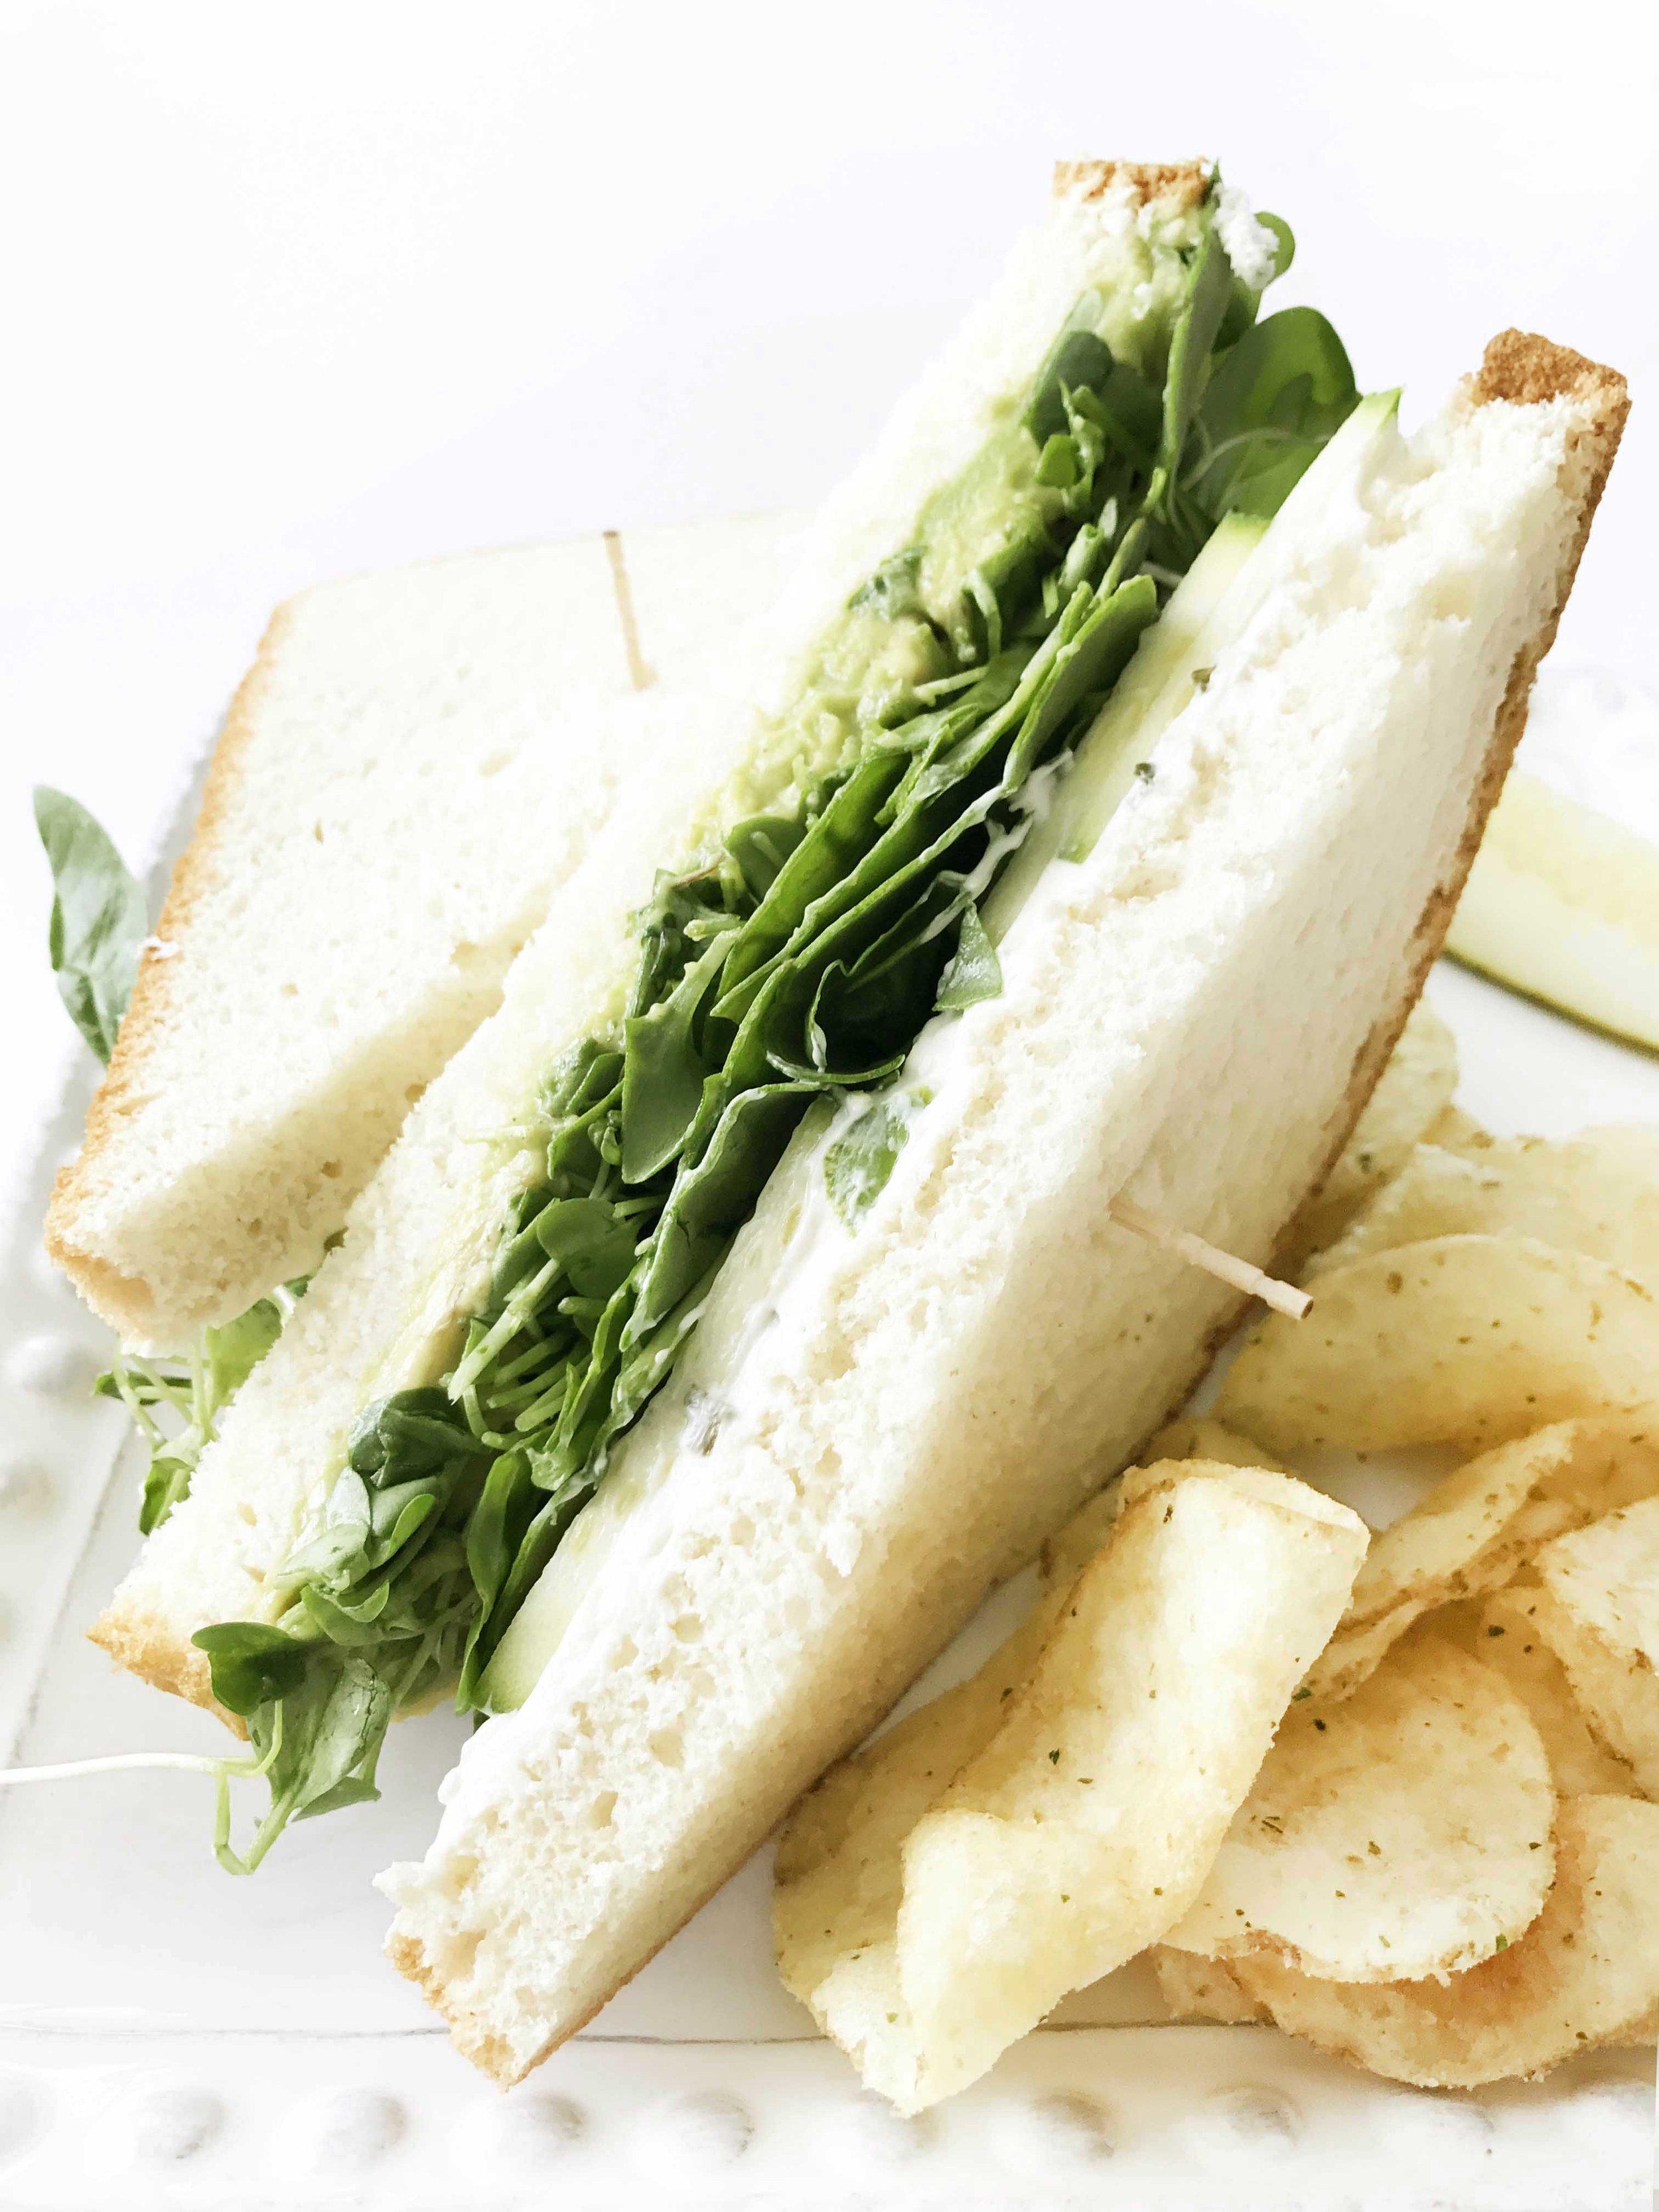 lean-mean-green-sandwich2.jpg